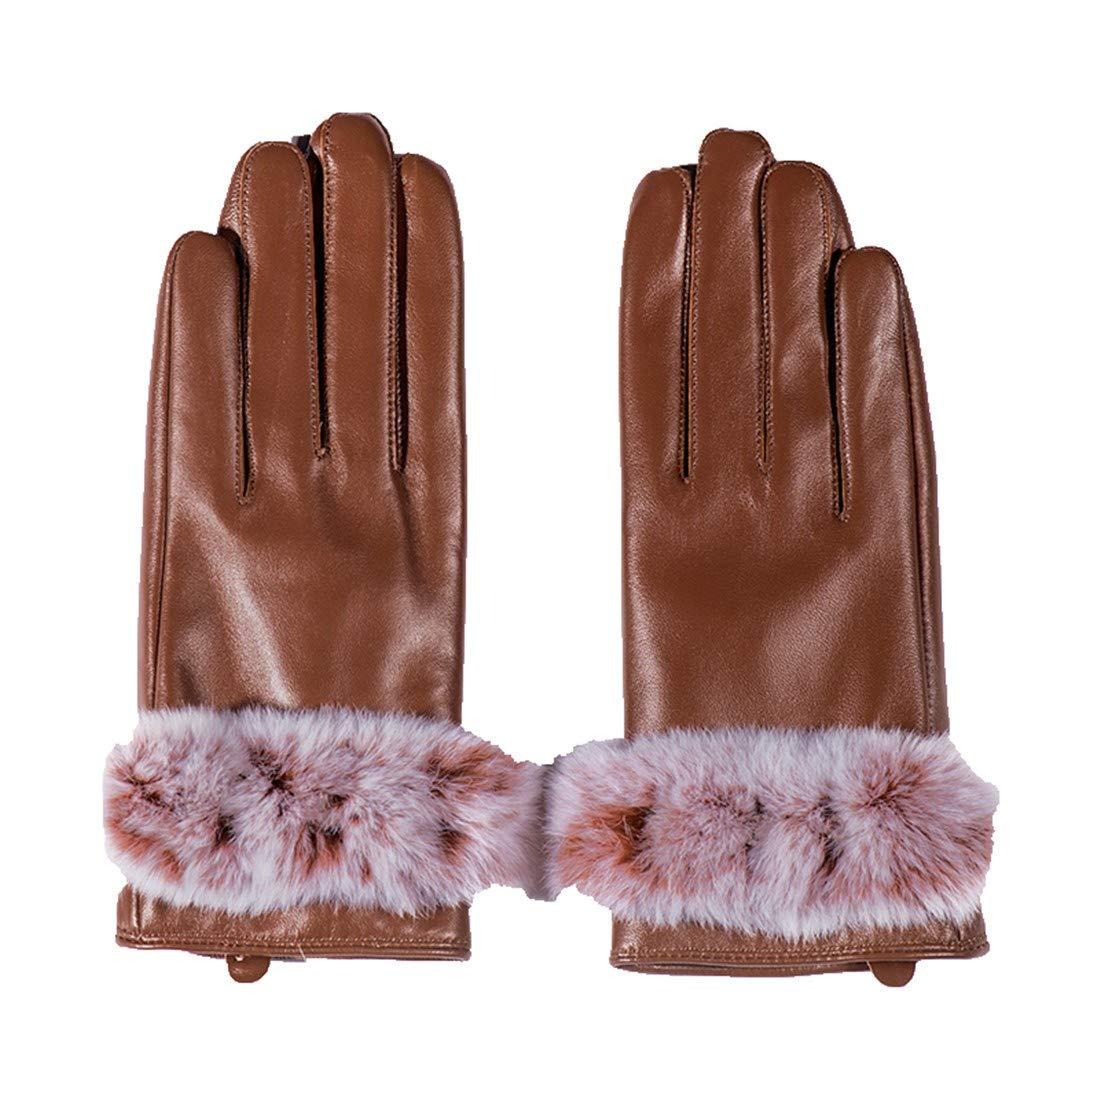 BYMHH Lederhandschuhe Herbst und Winter Schaffell Handschuhe, L